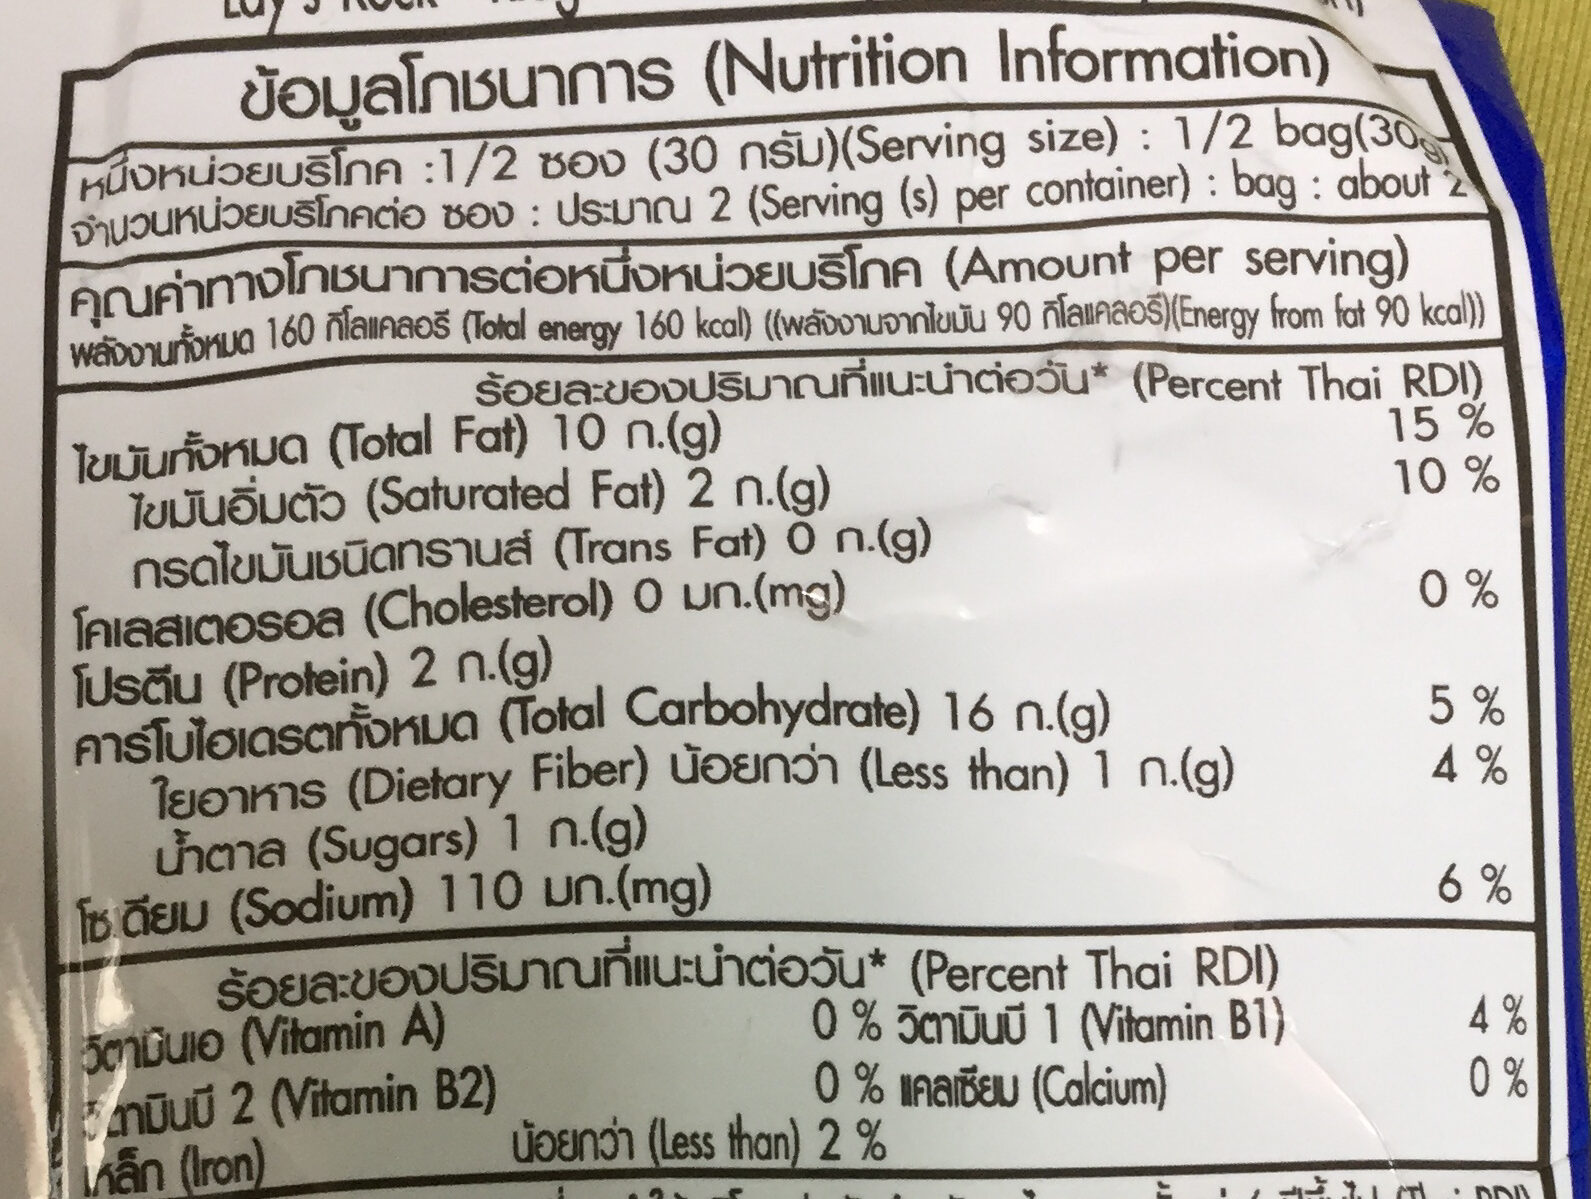 เลย์ รสปูผัดผงกะหรี่ - Informations nutritionnelles